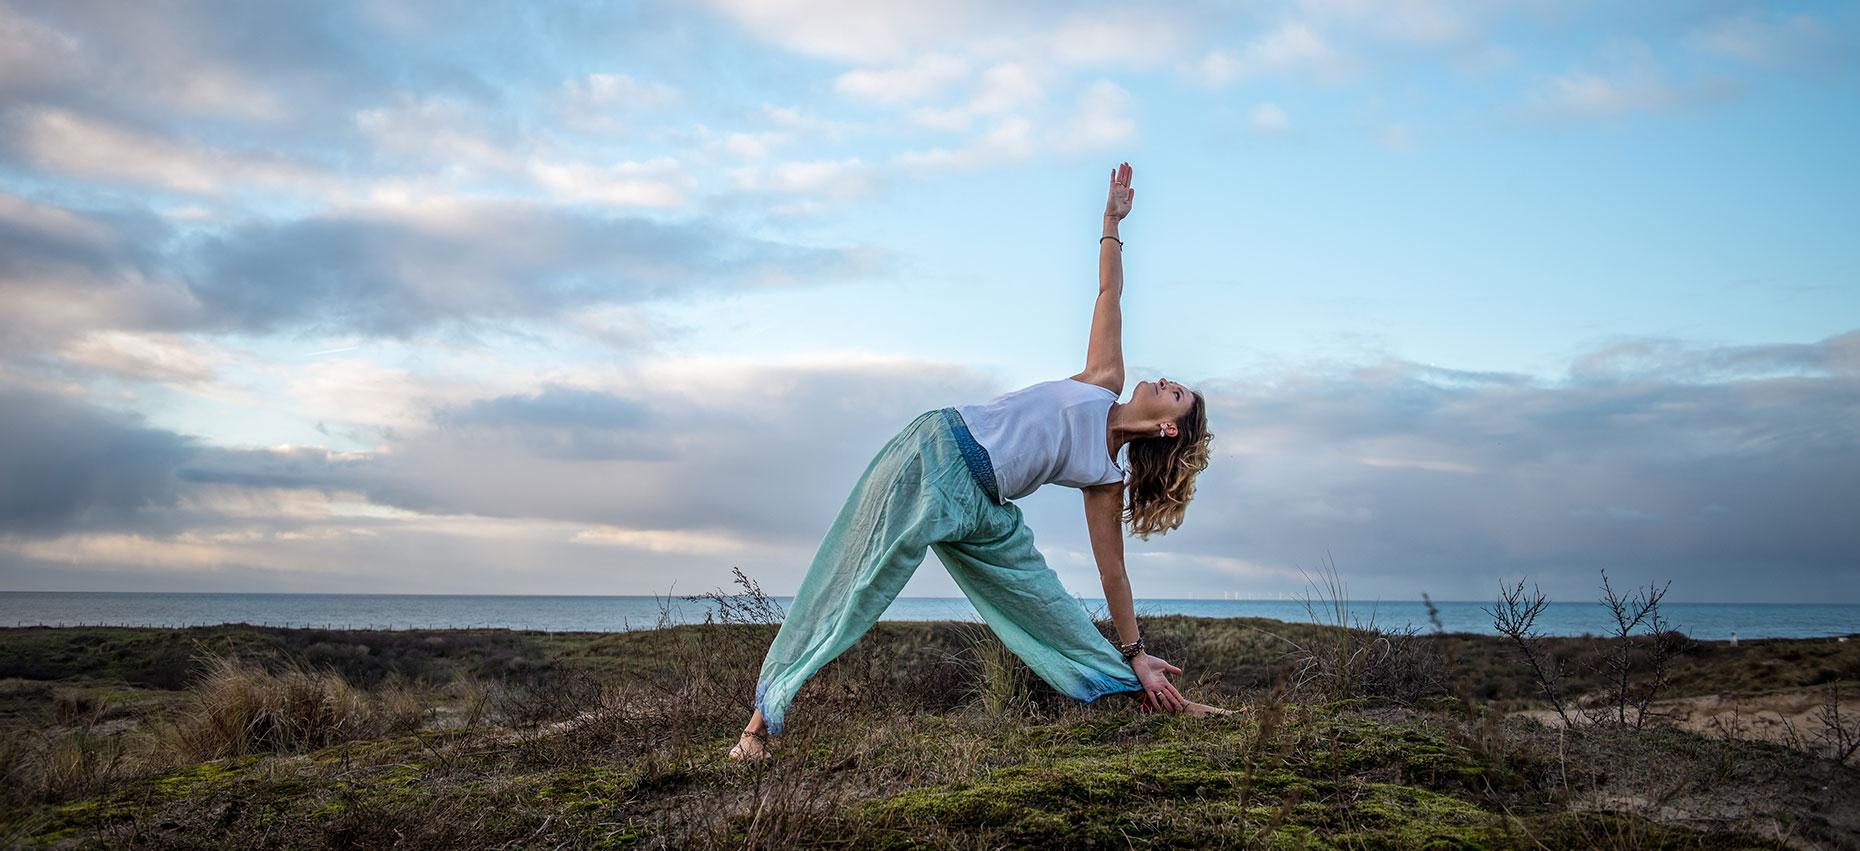 Yogabeach Yoga lessen